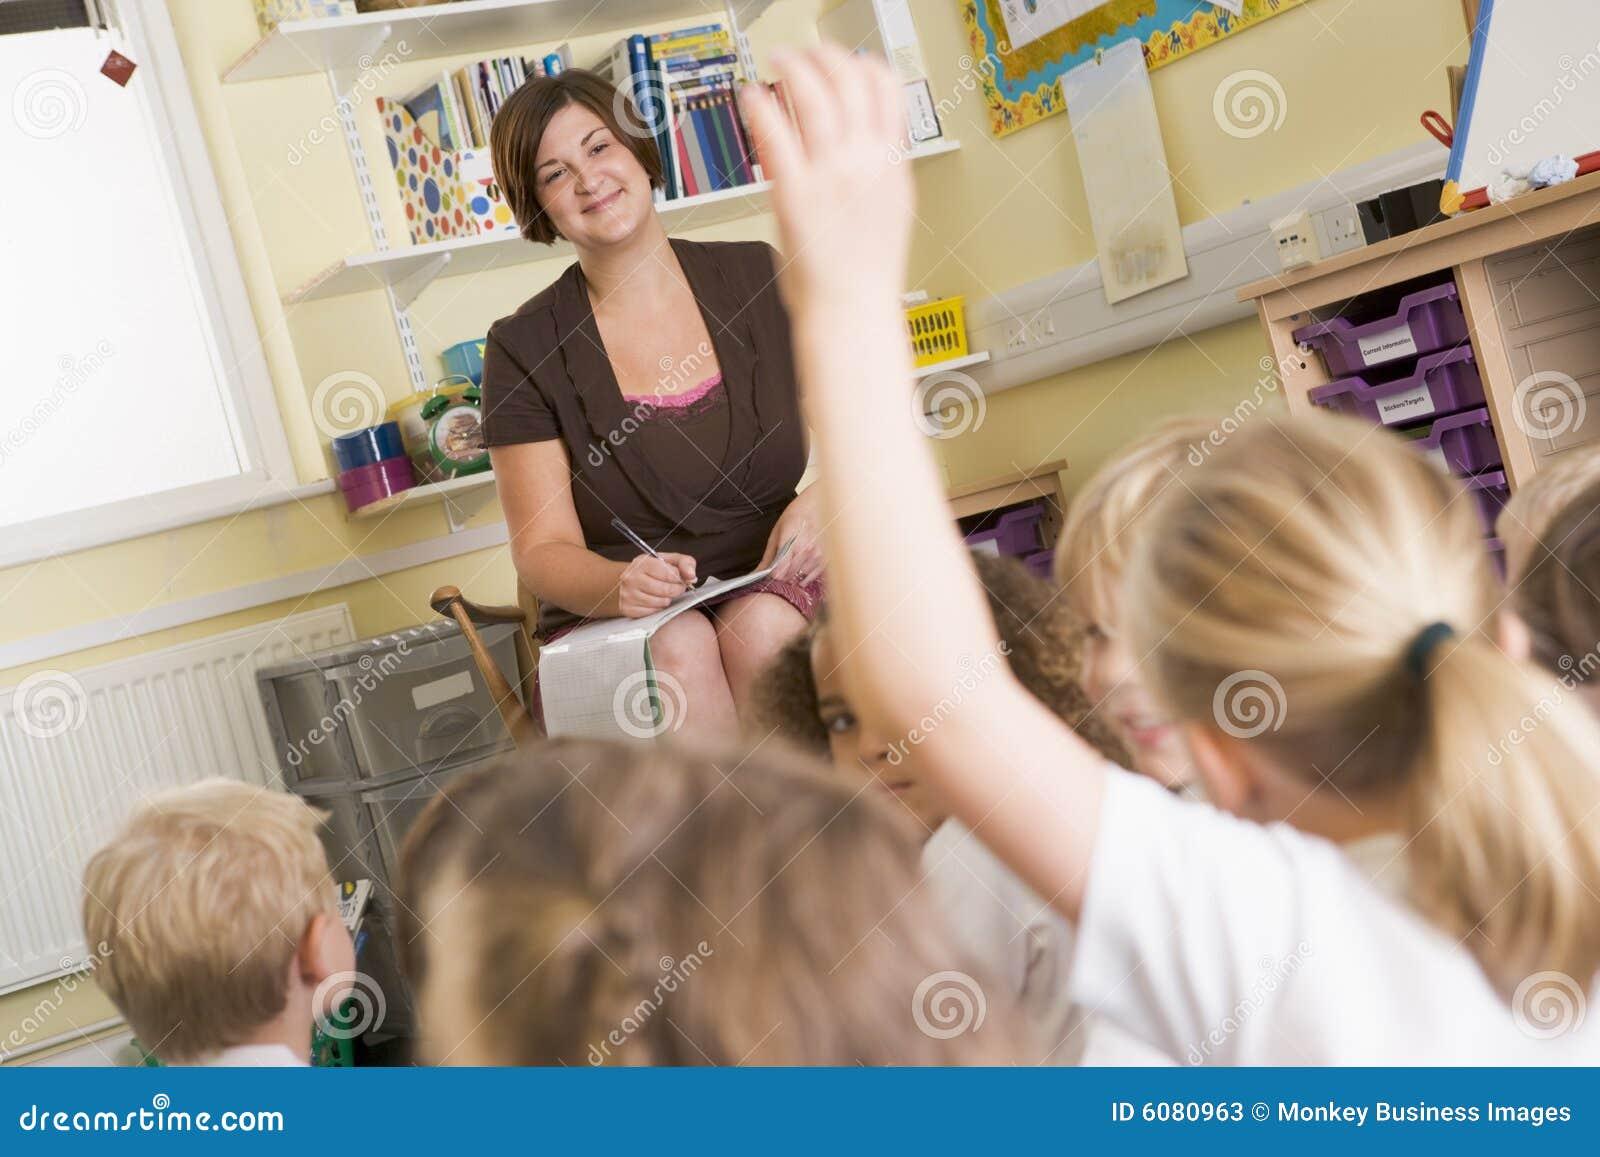 Учительница в дома у ученика 18 фотография